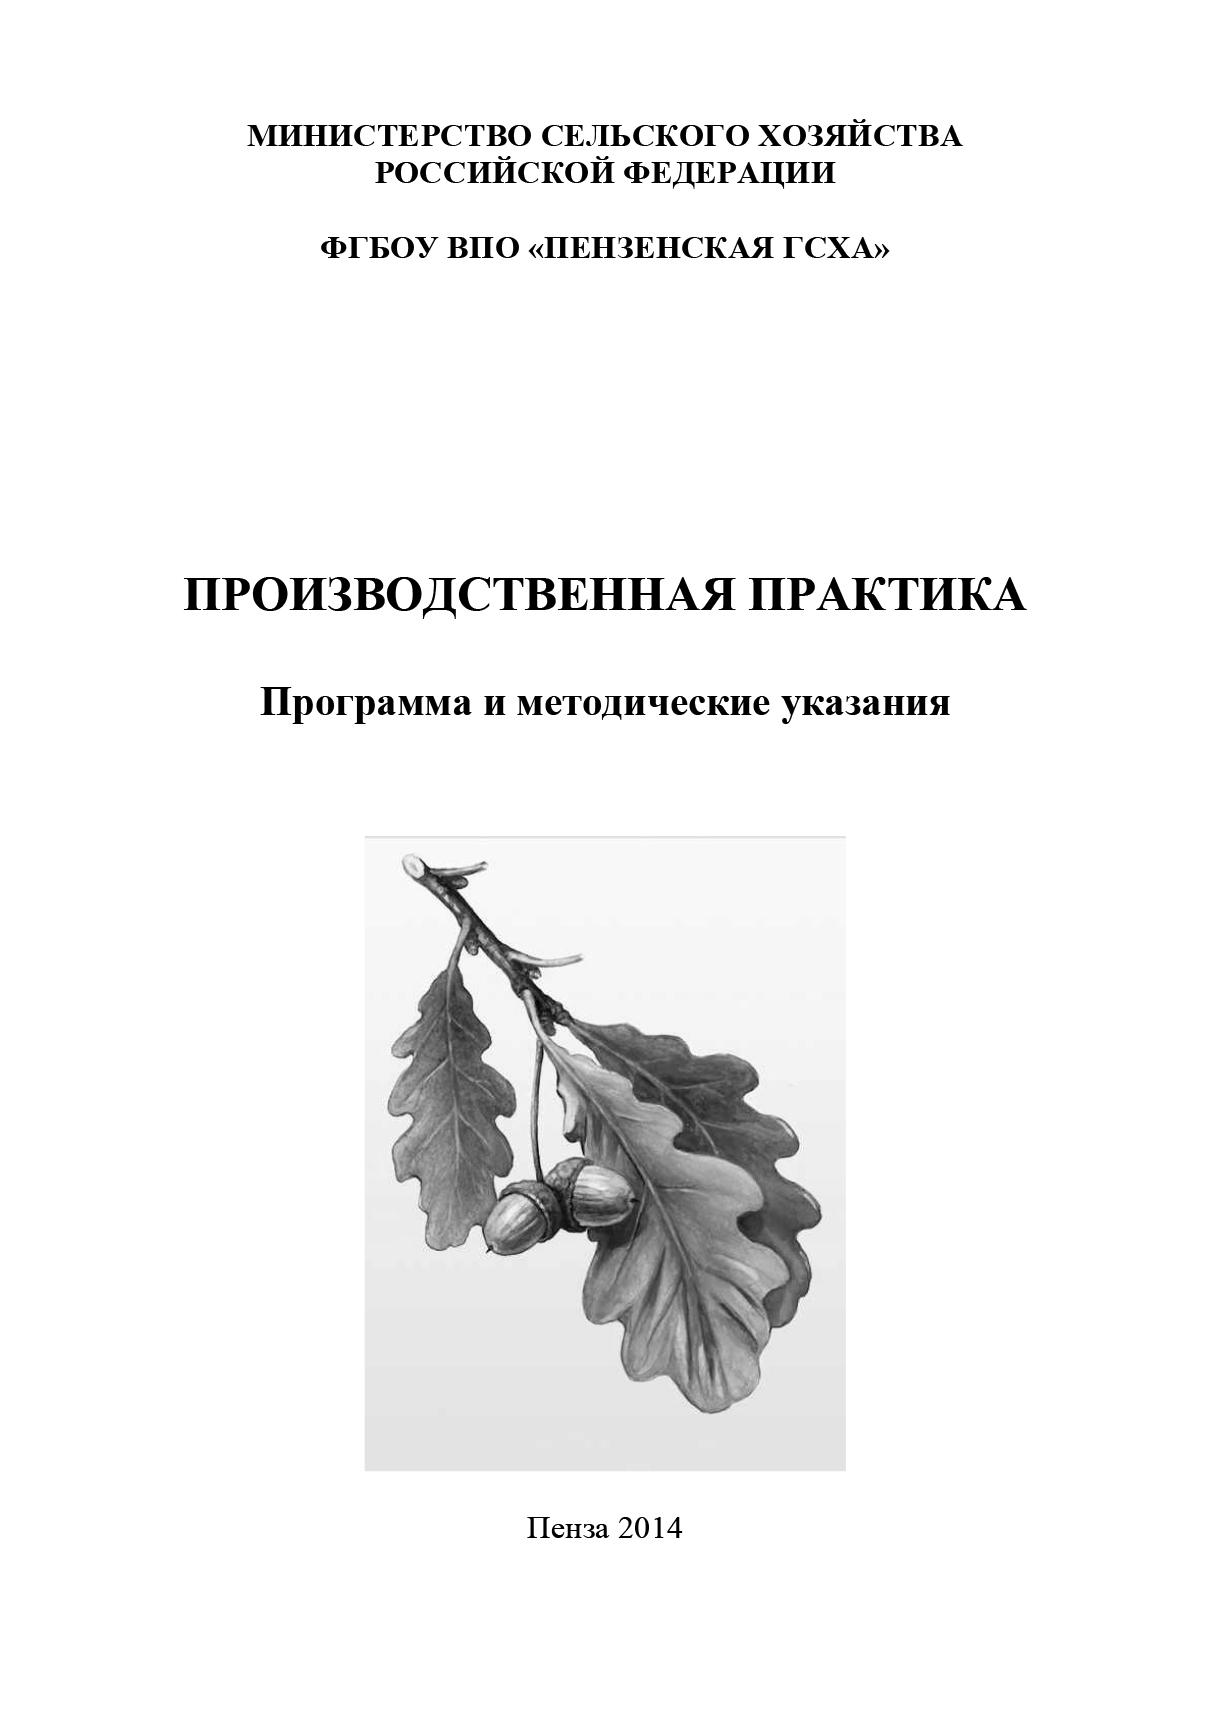 Коллектив авторов Производственная практика. Программа и методические указания а ф лещинская методические указания к прохождению производственной практики